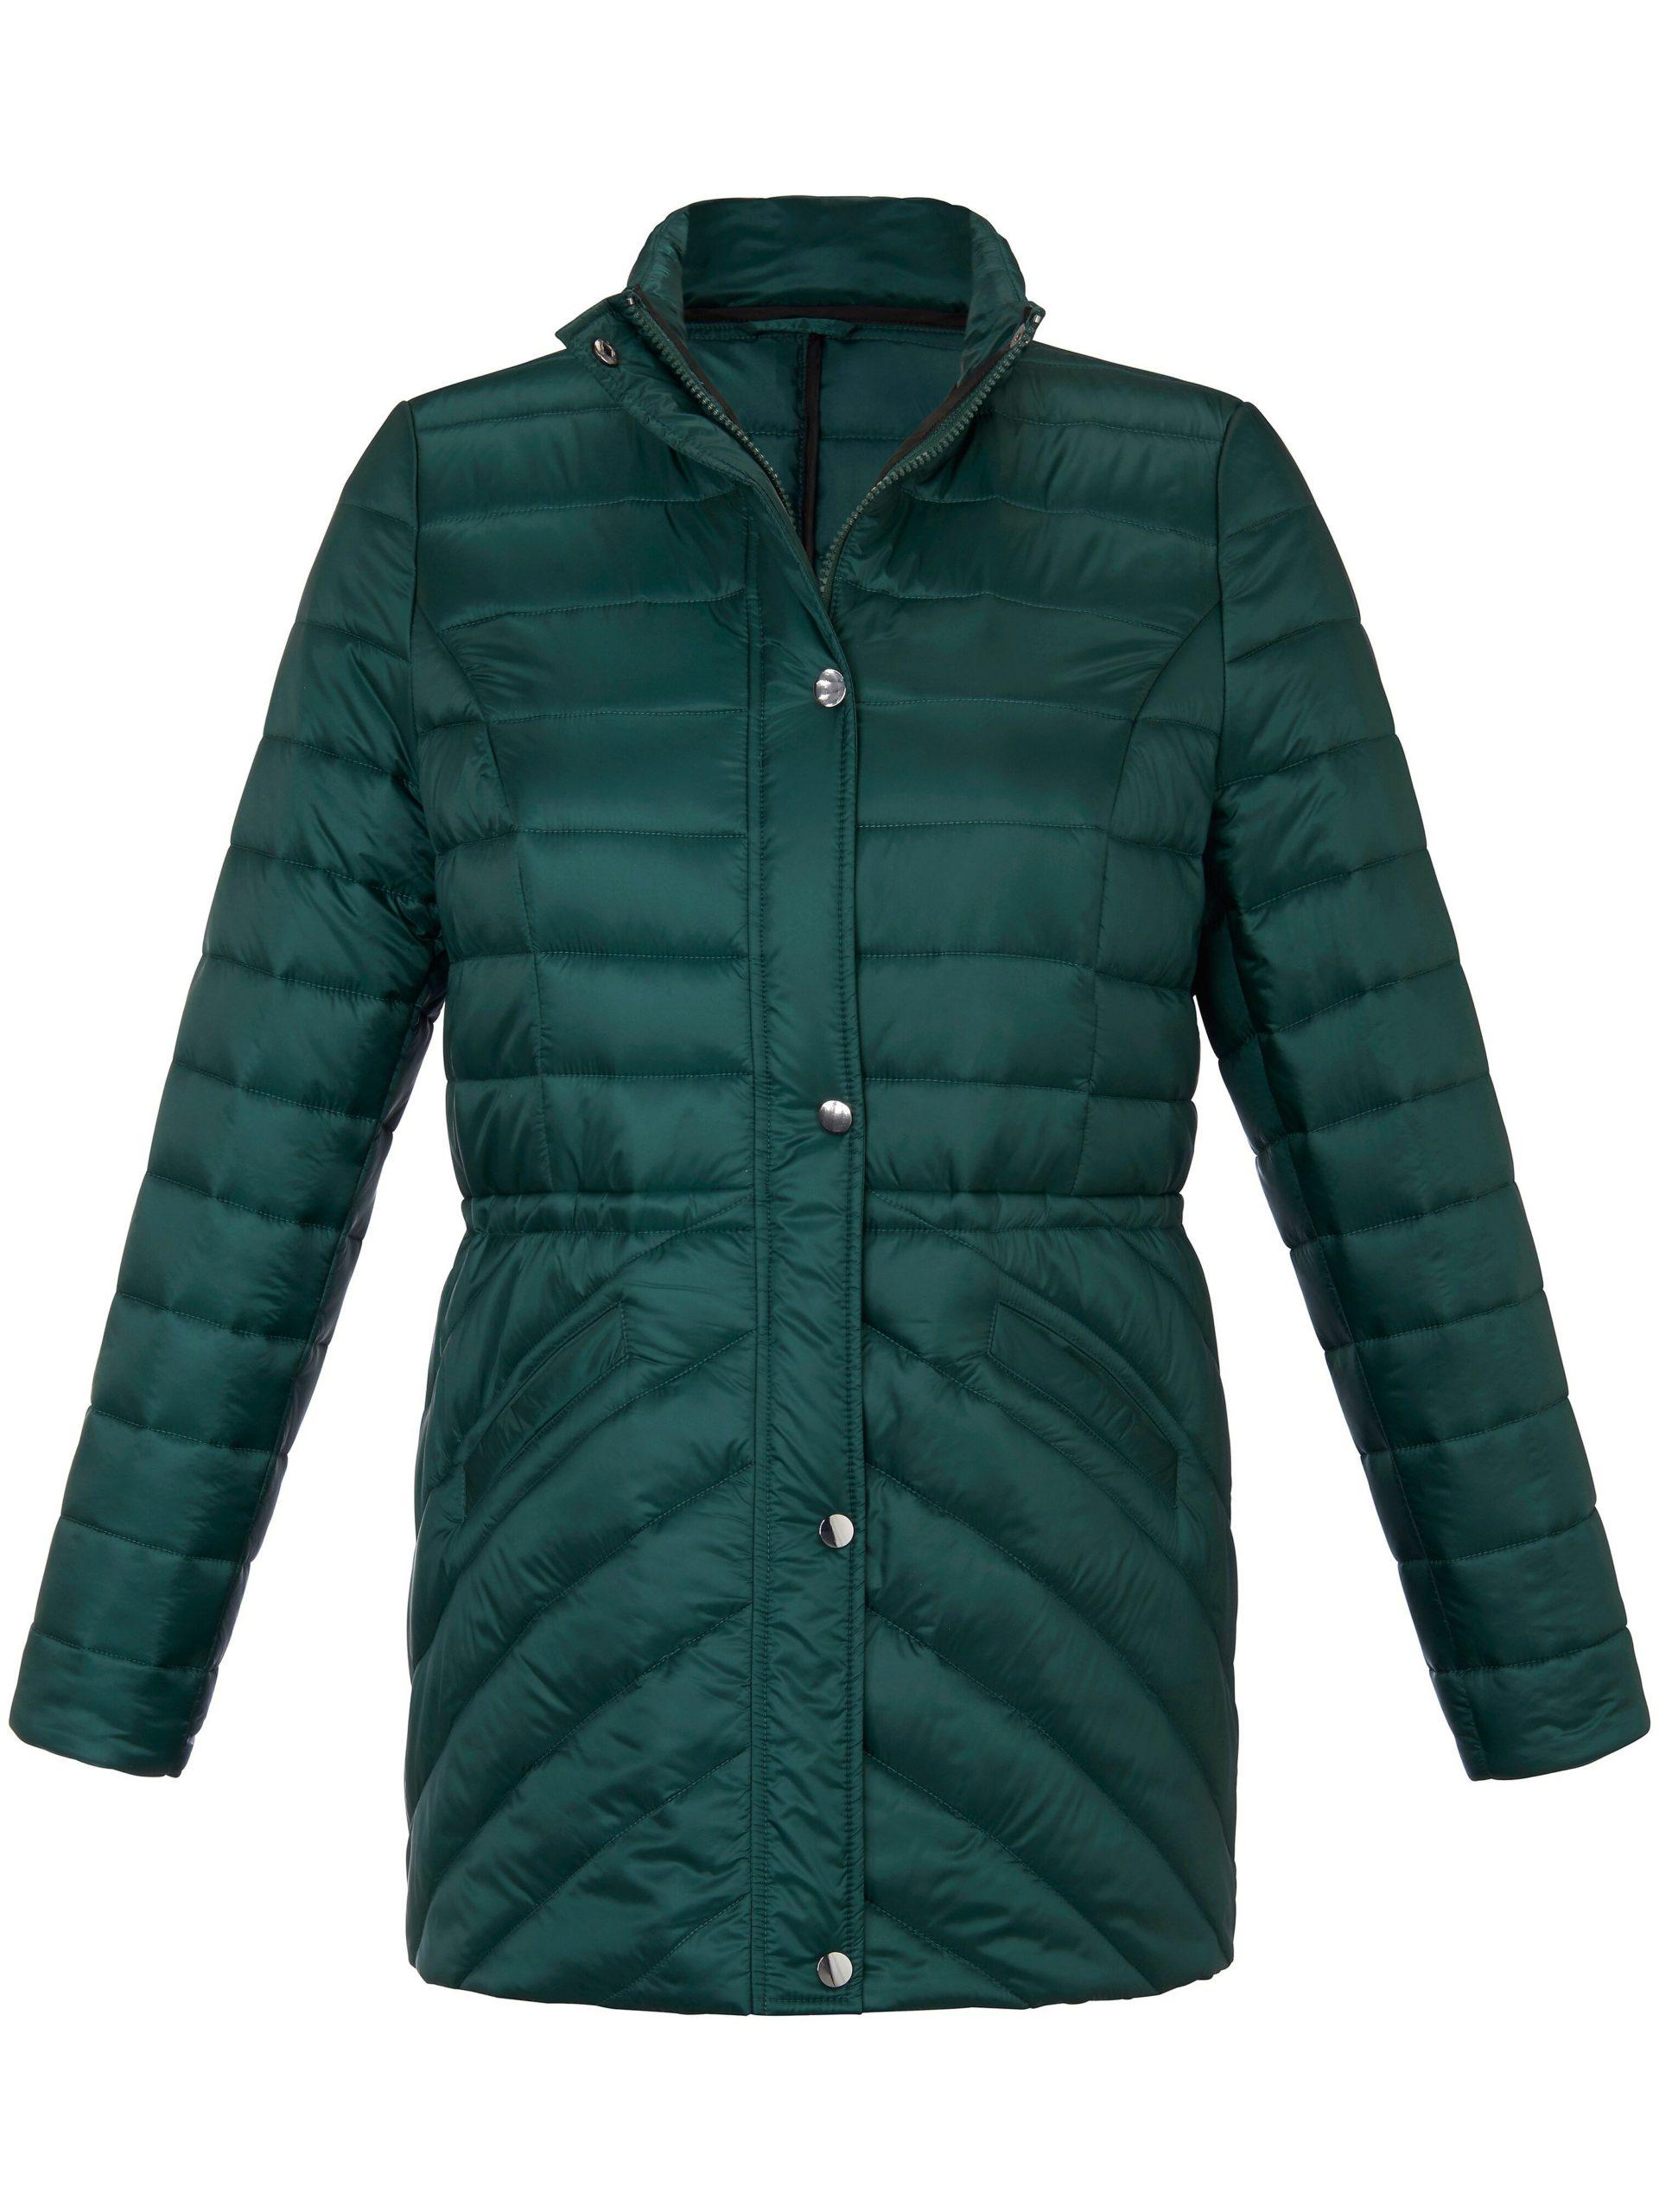 Gewatteerde jas Van Anna Aura groen Kopen